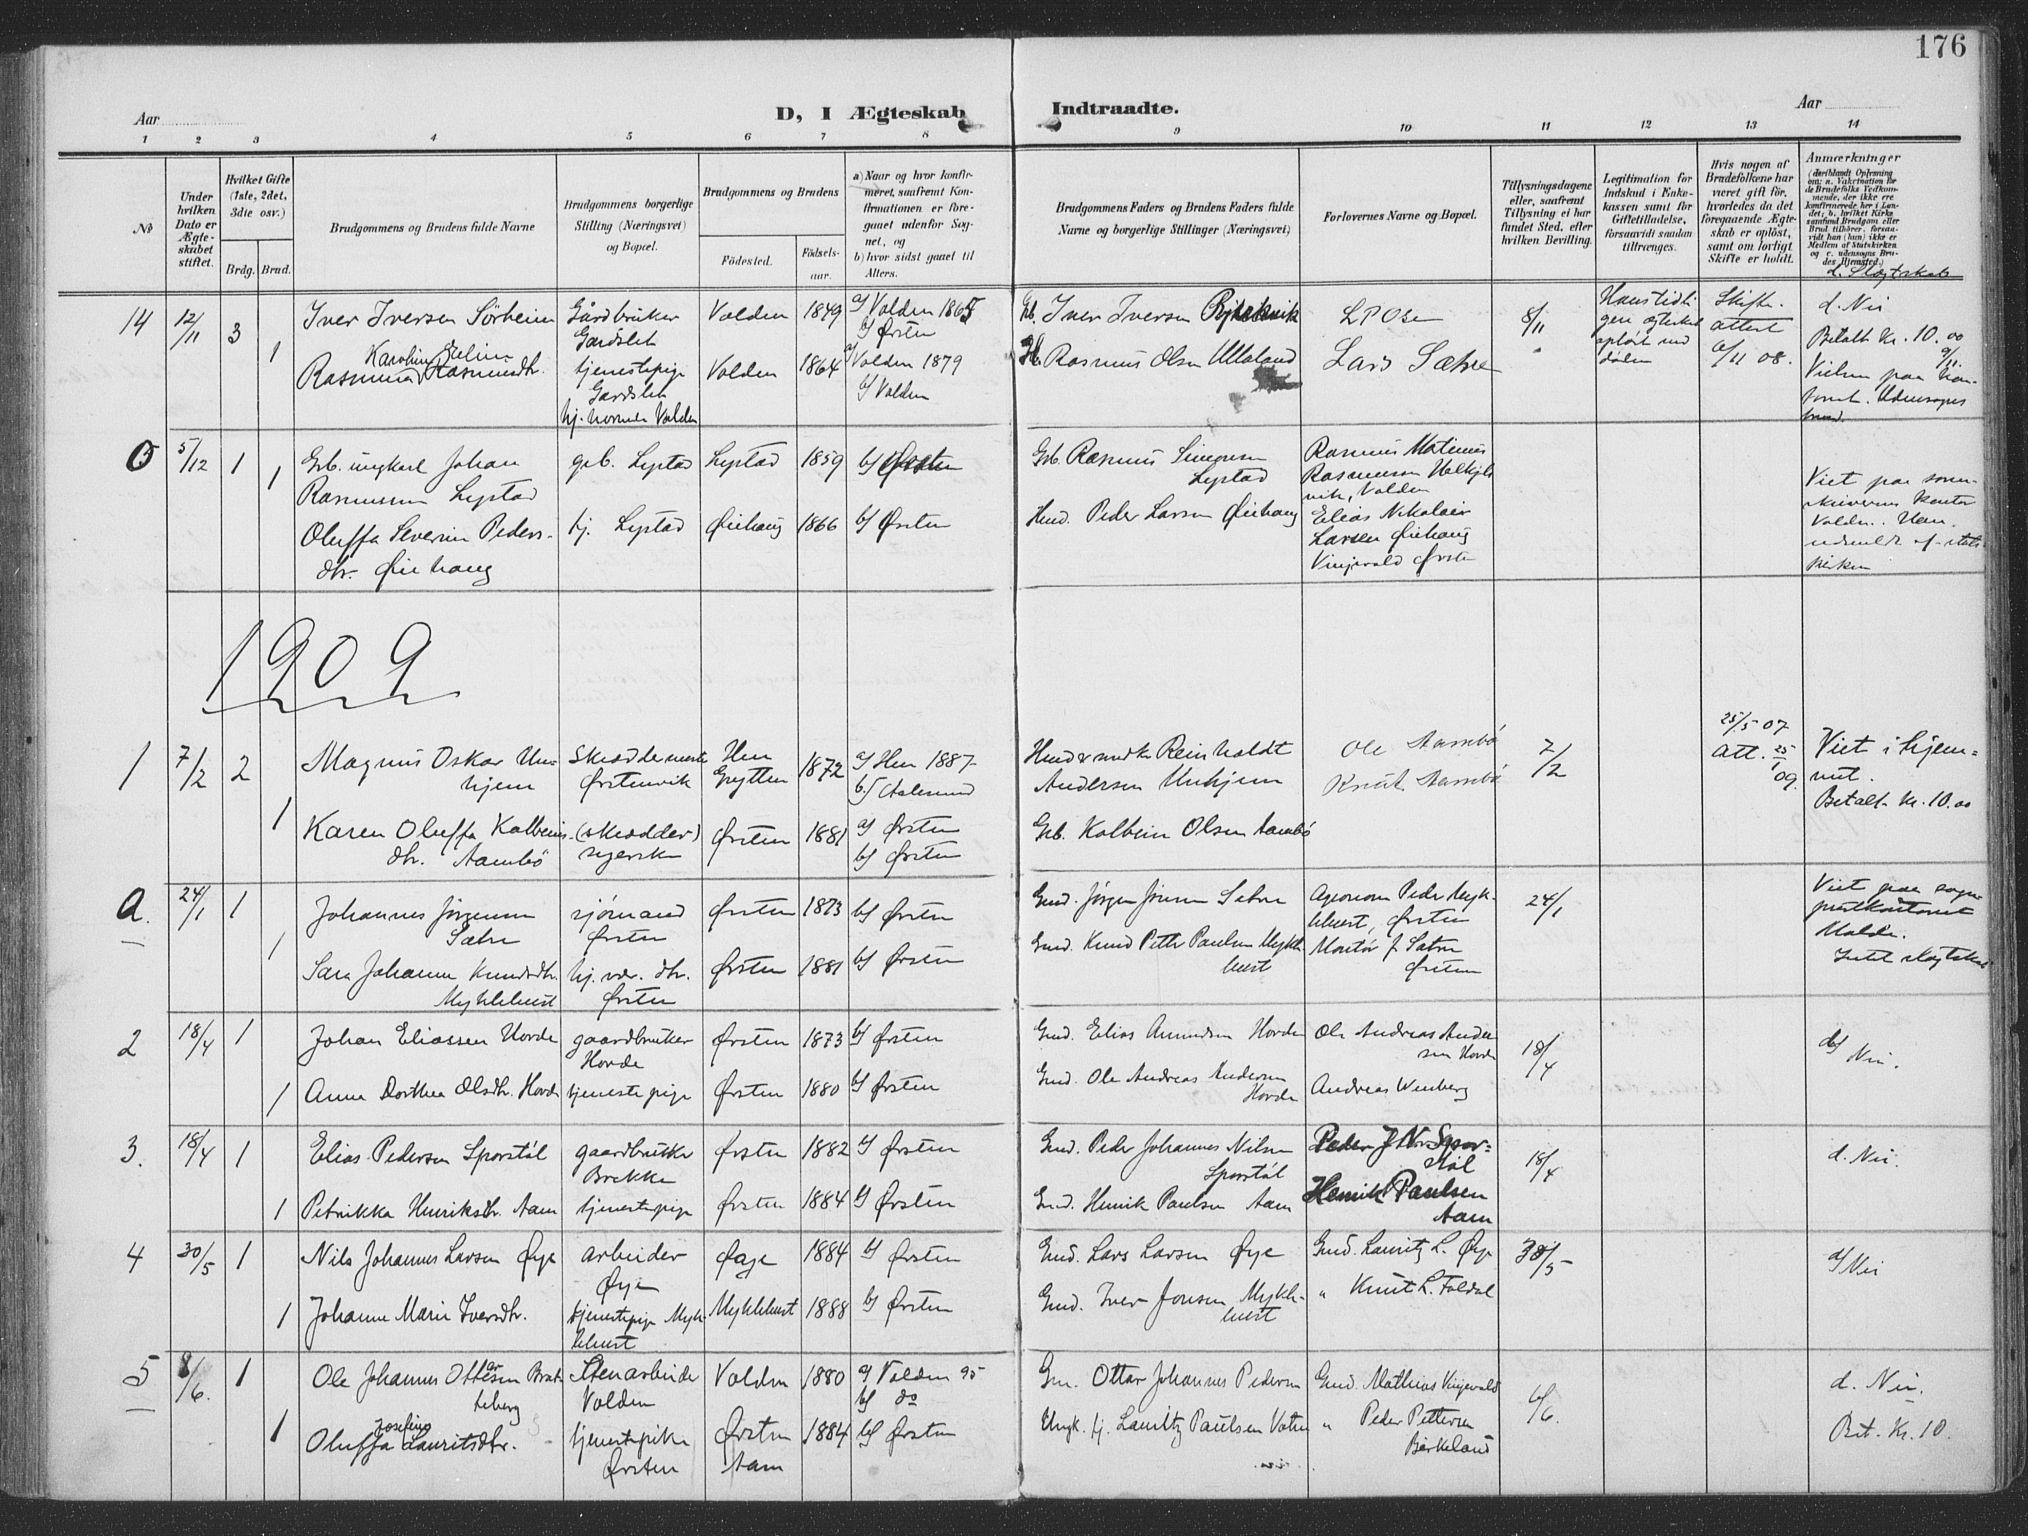 SAT, Ministerialprotokoller, klokkerbøker og fødselsregistre - Møre og Romsdal, 513/L0178: Ministerialbok nr. 513A05, 1906-1919, s. 176